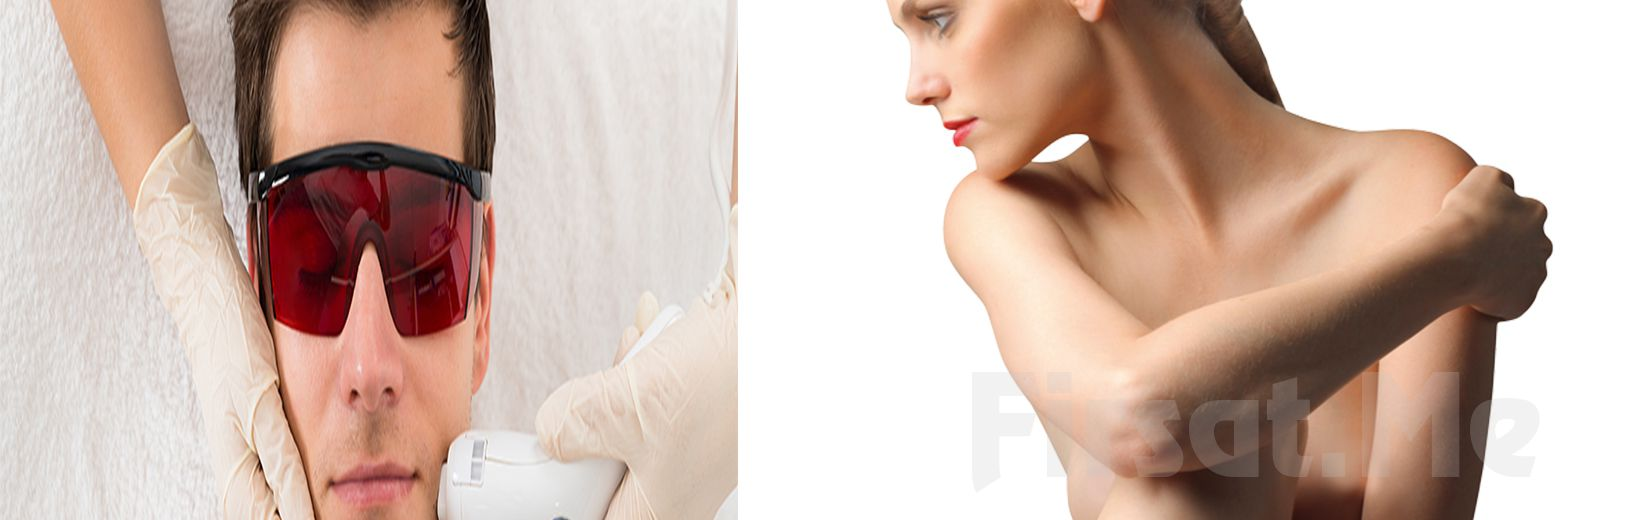 Esenler Starliçe Estetik'ten Bay ve Bayanlar için 3 Bölge 8 Seans Buz Başlıklı Lazer Epilasyon